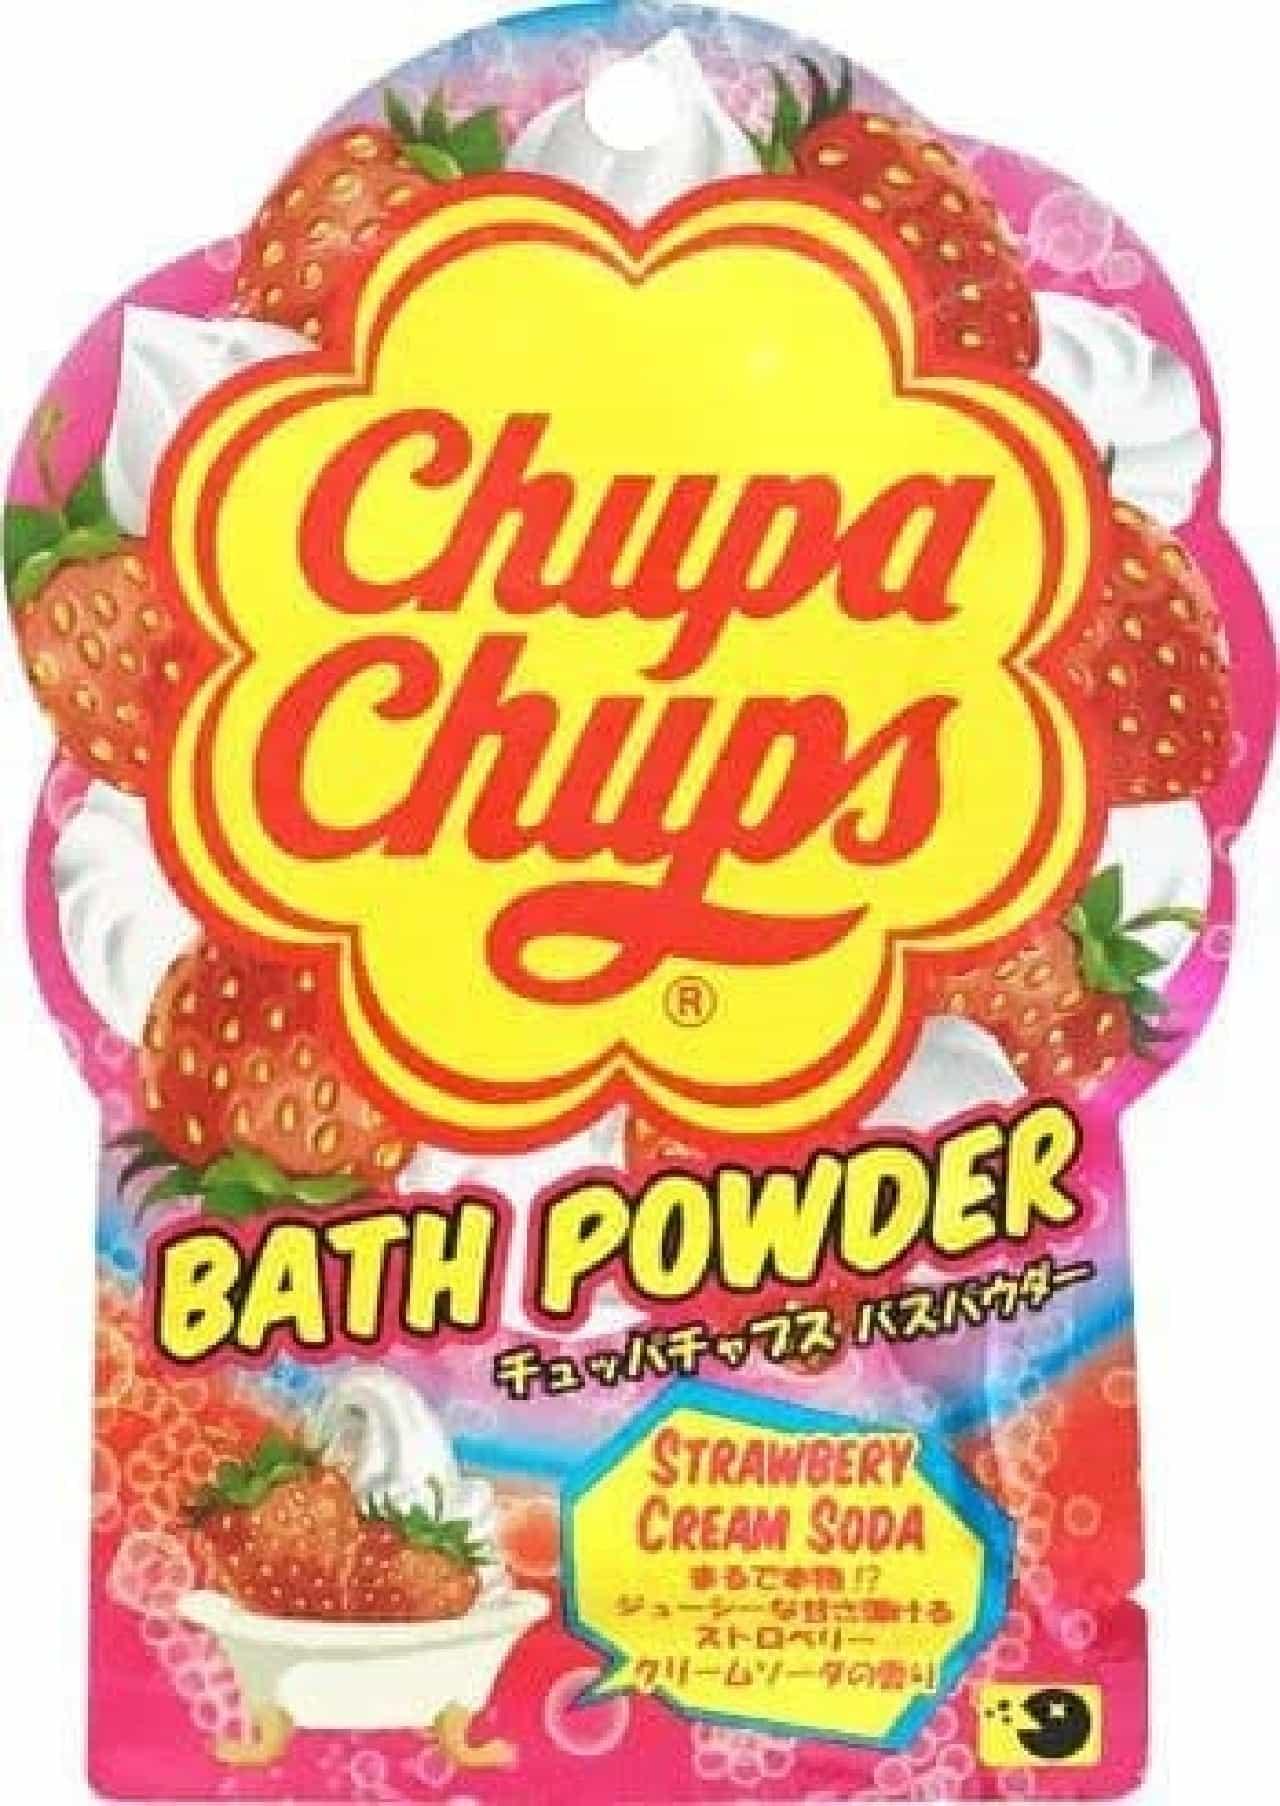 入浴剤「チュッパチャプス バスパウダー」